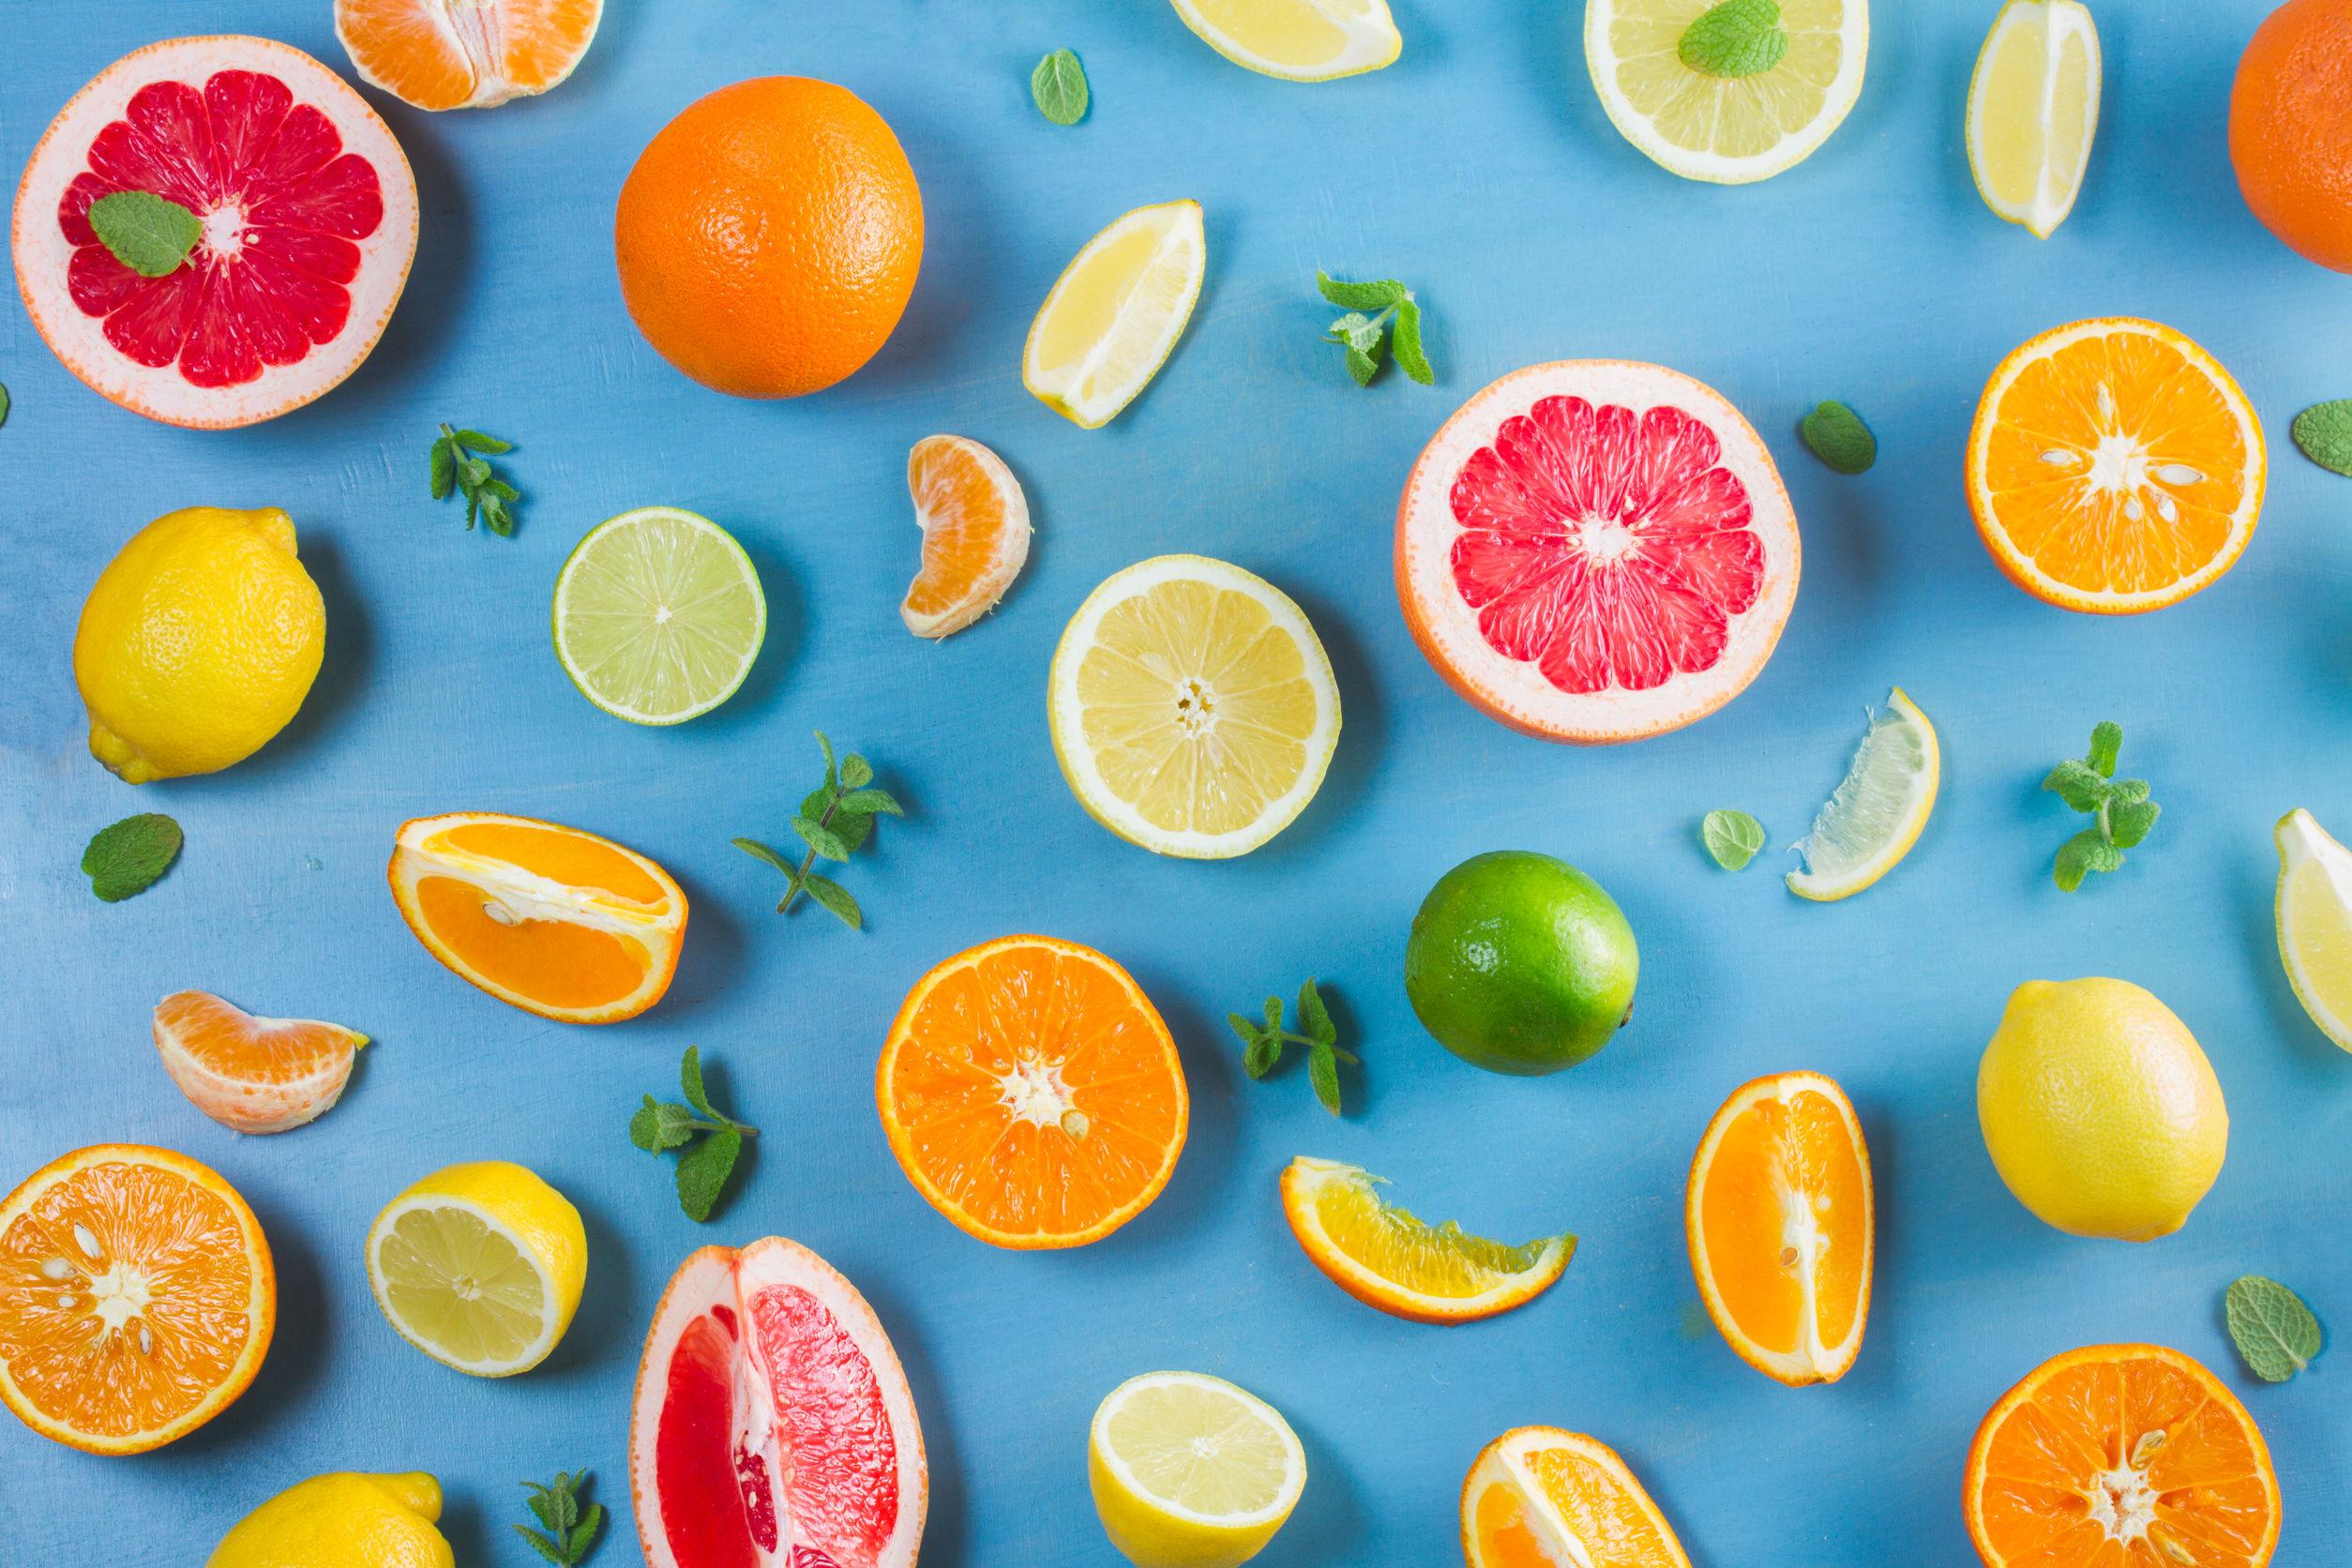 fruit rijk aan vitamines c